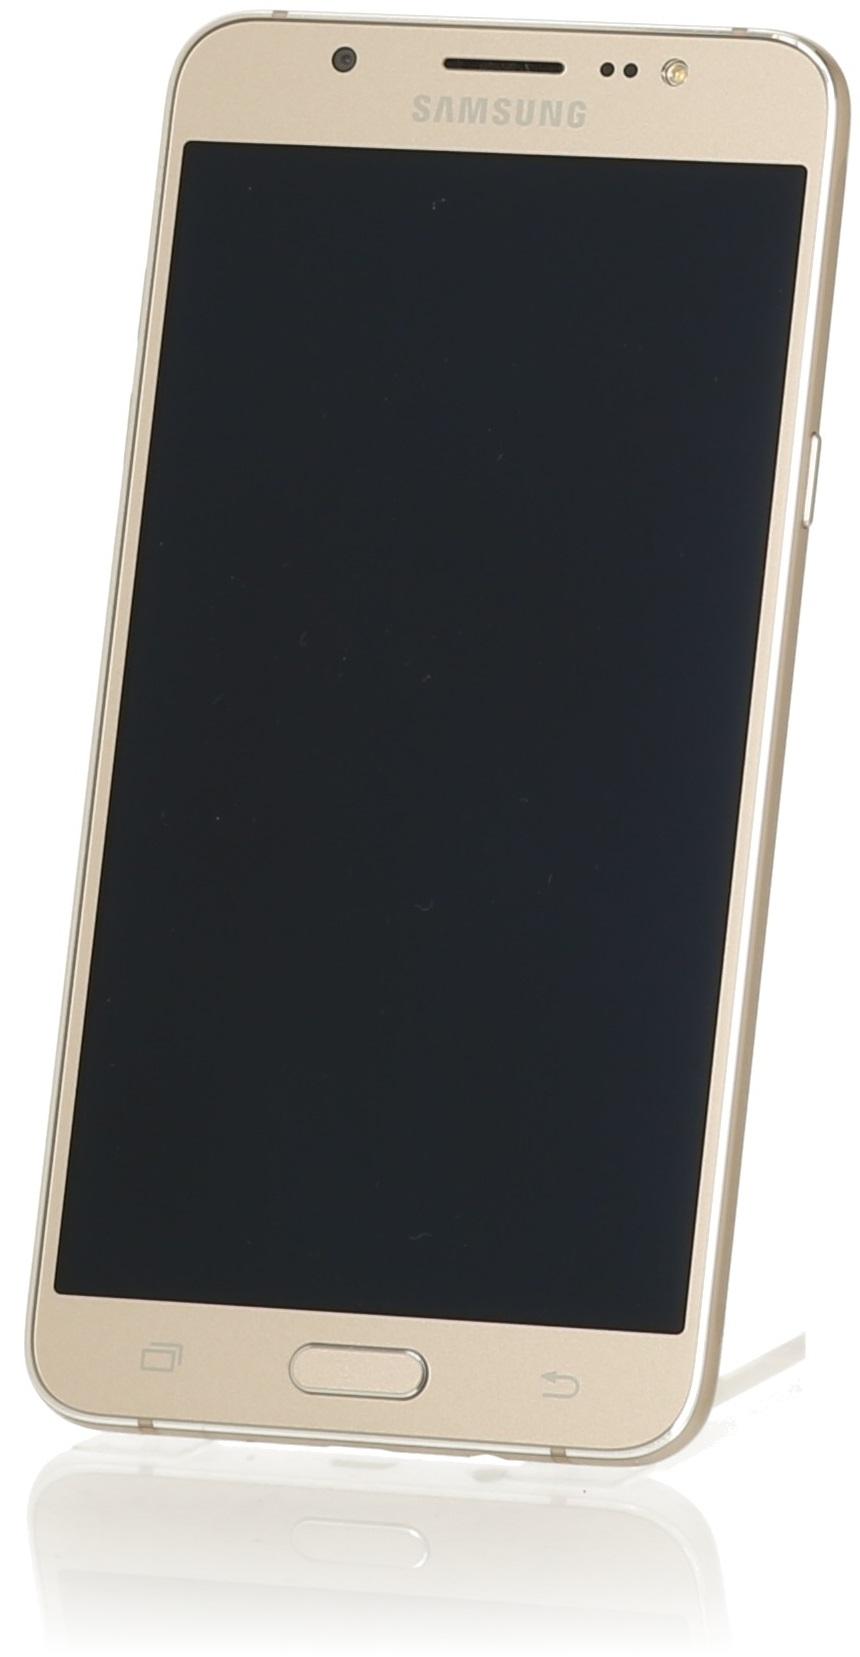 Samsung J710F Galaxy J7 (2016) 16GB gold